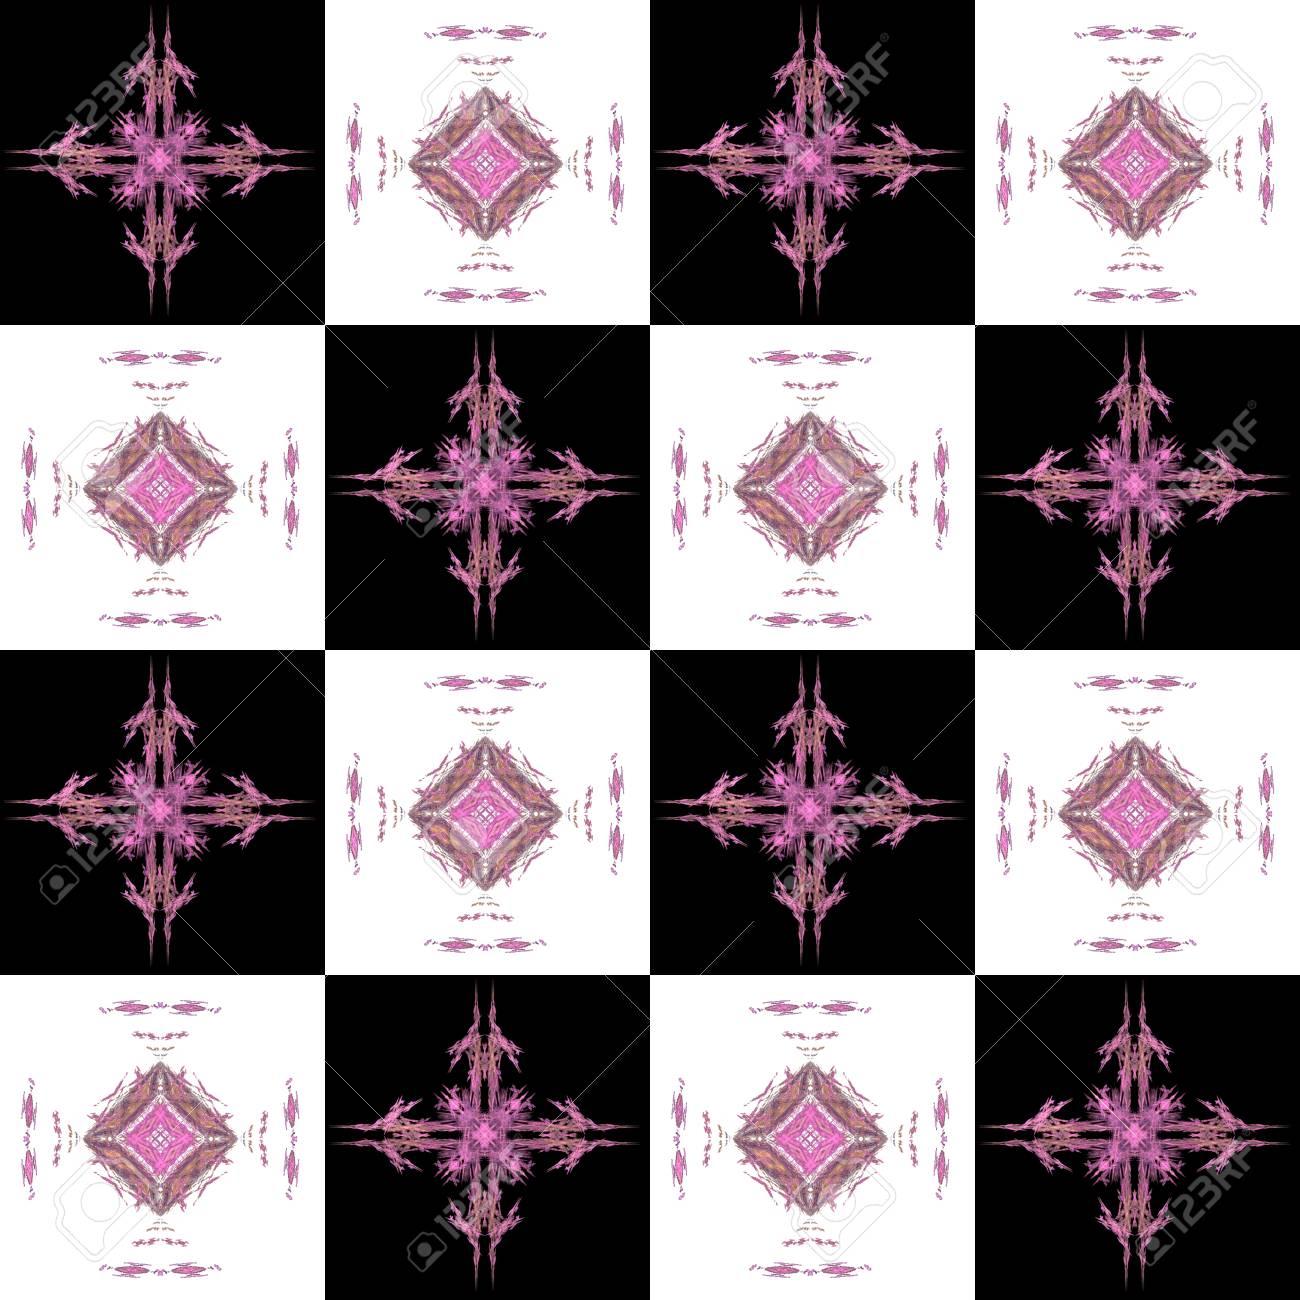 Textura Con El Patrón De Fractal De Células Blancas Y Rosas Negras